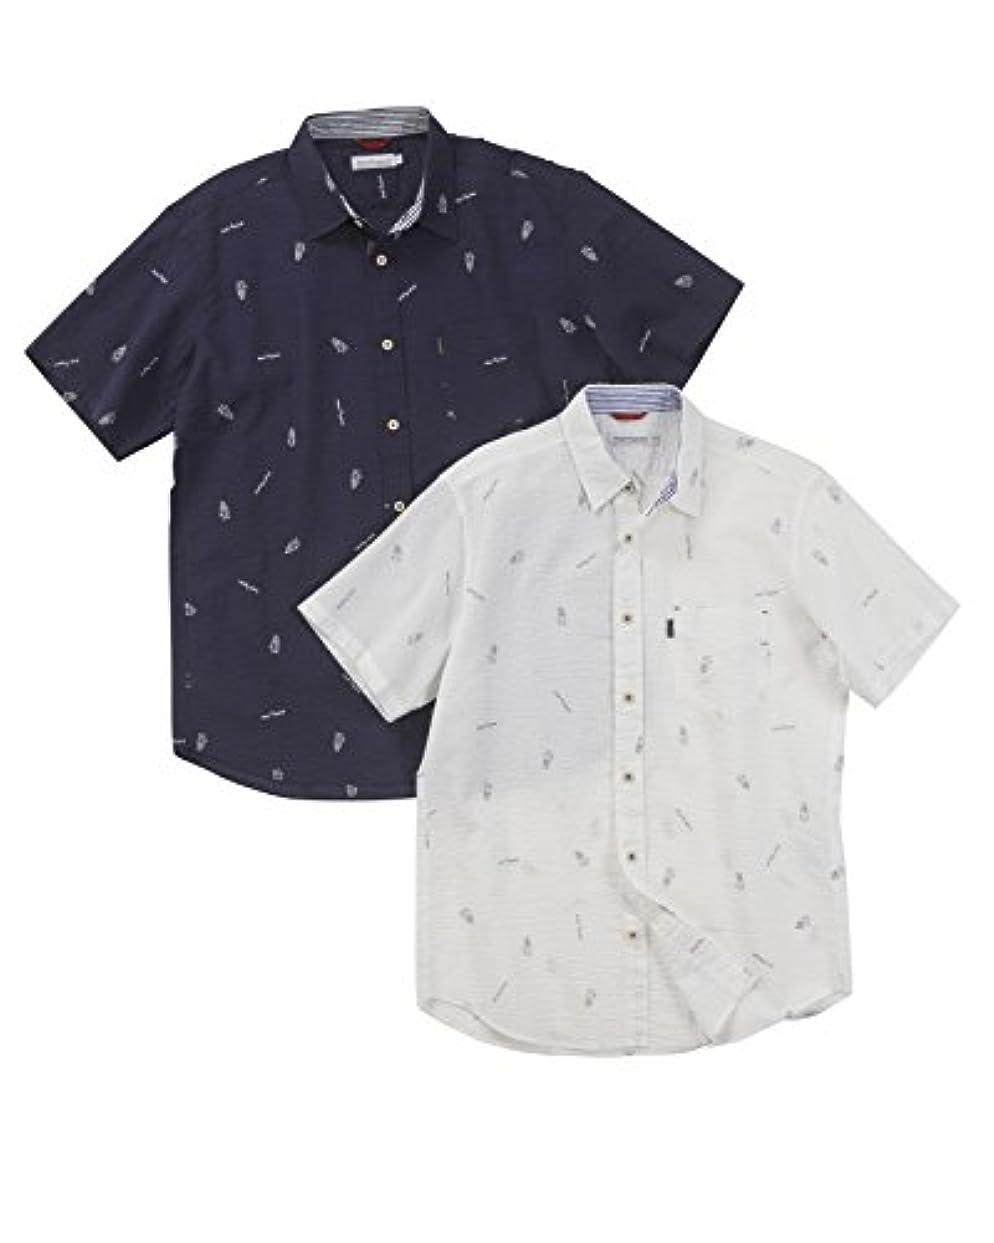 施しなしで貢献する[ハッシュパピー]Hush Puppies(ハッシュパピー)60ローンドックプリントシャツ